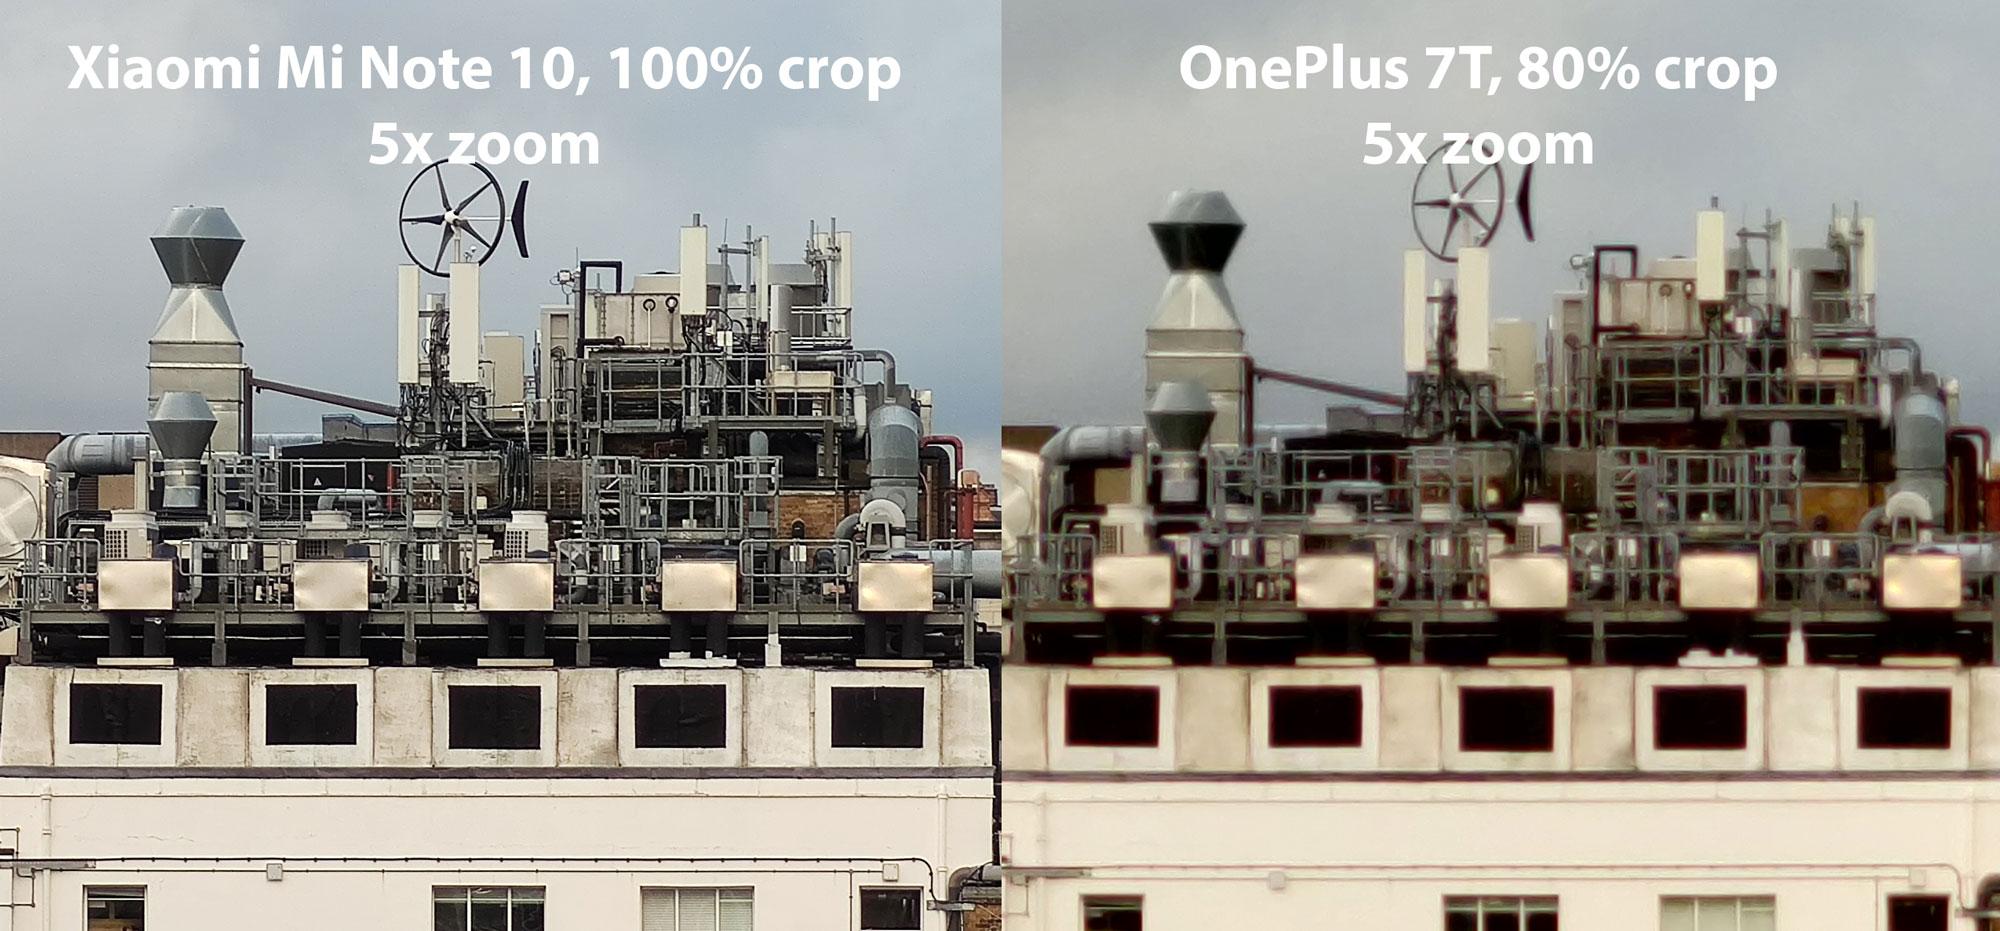 xiaomi-mi-note-10-camera-comparison-oneplus-7t-5.jpg